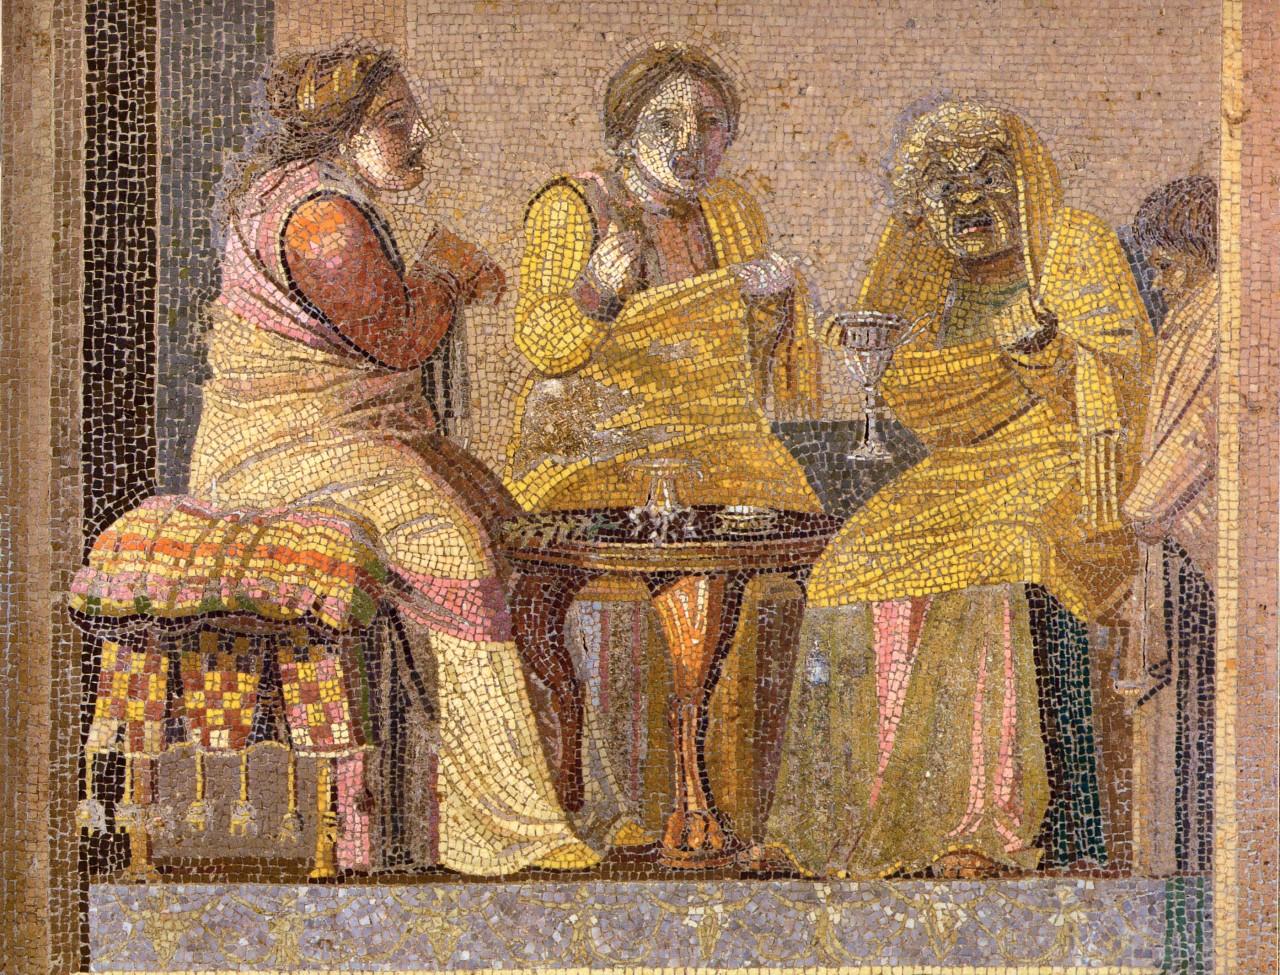 Pompeii_-_Villa_del_Cicerone_-_Mosaic_-_MAN